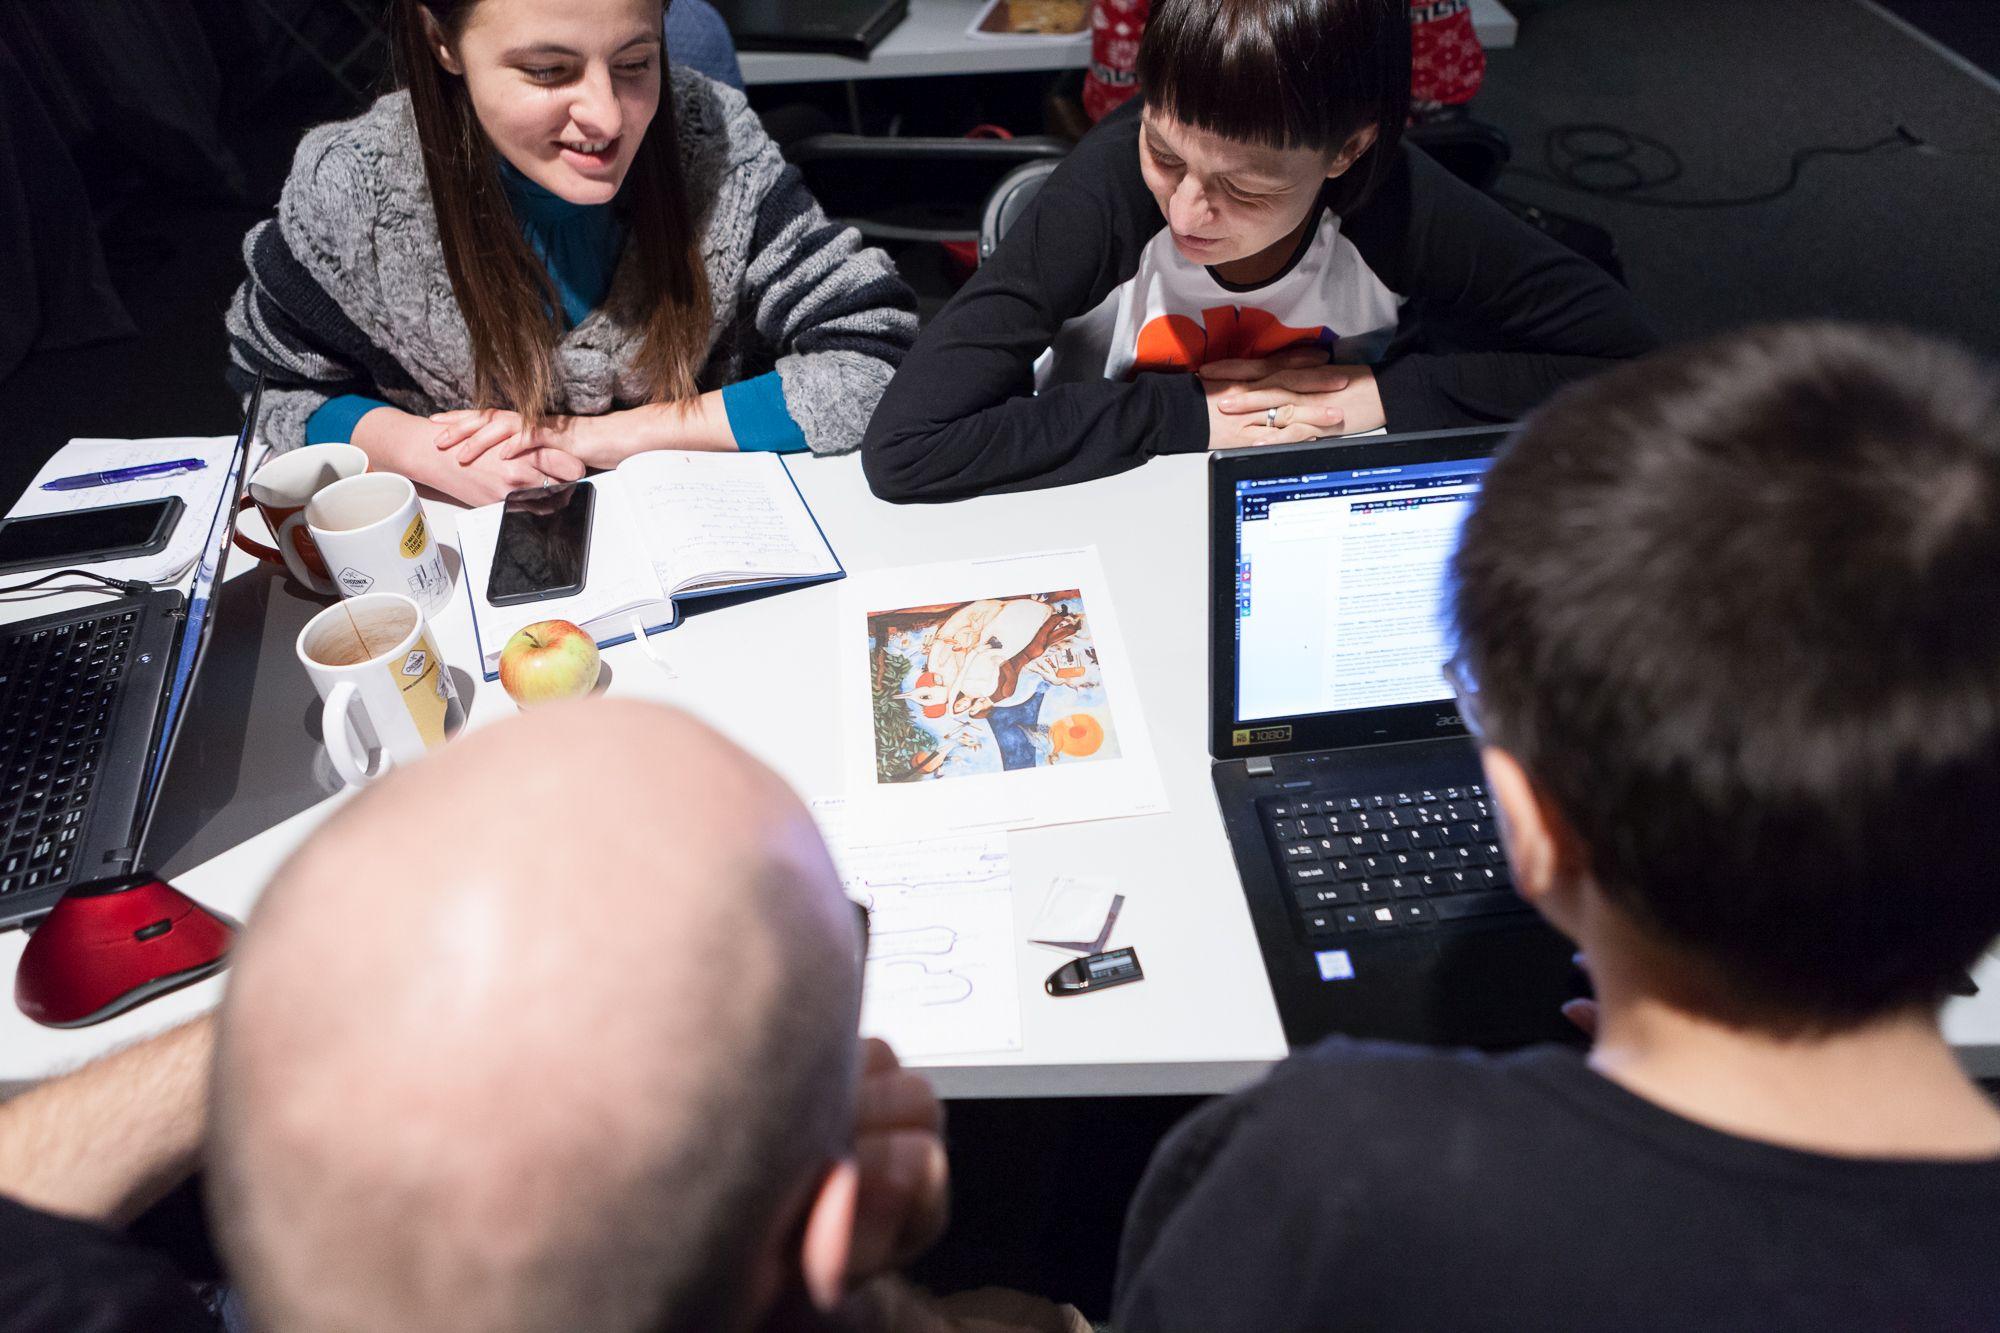 Inkubator Kultury | Audiodeskrypcja [Szkolenie z audiodeskrypcji. Na zdjęciu uczestnicy analizują i opisują obraz]